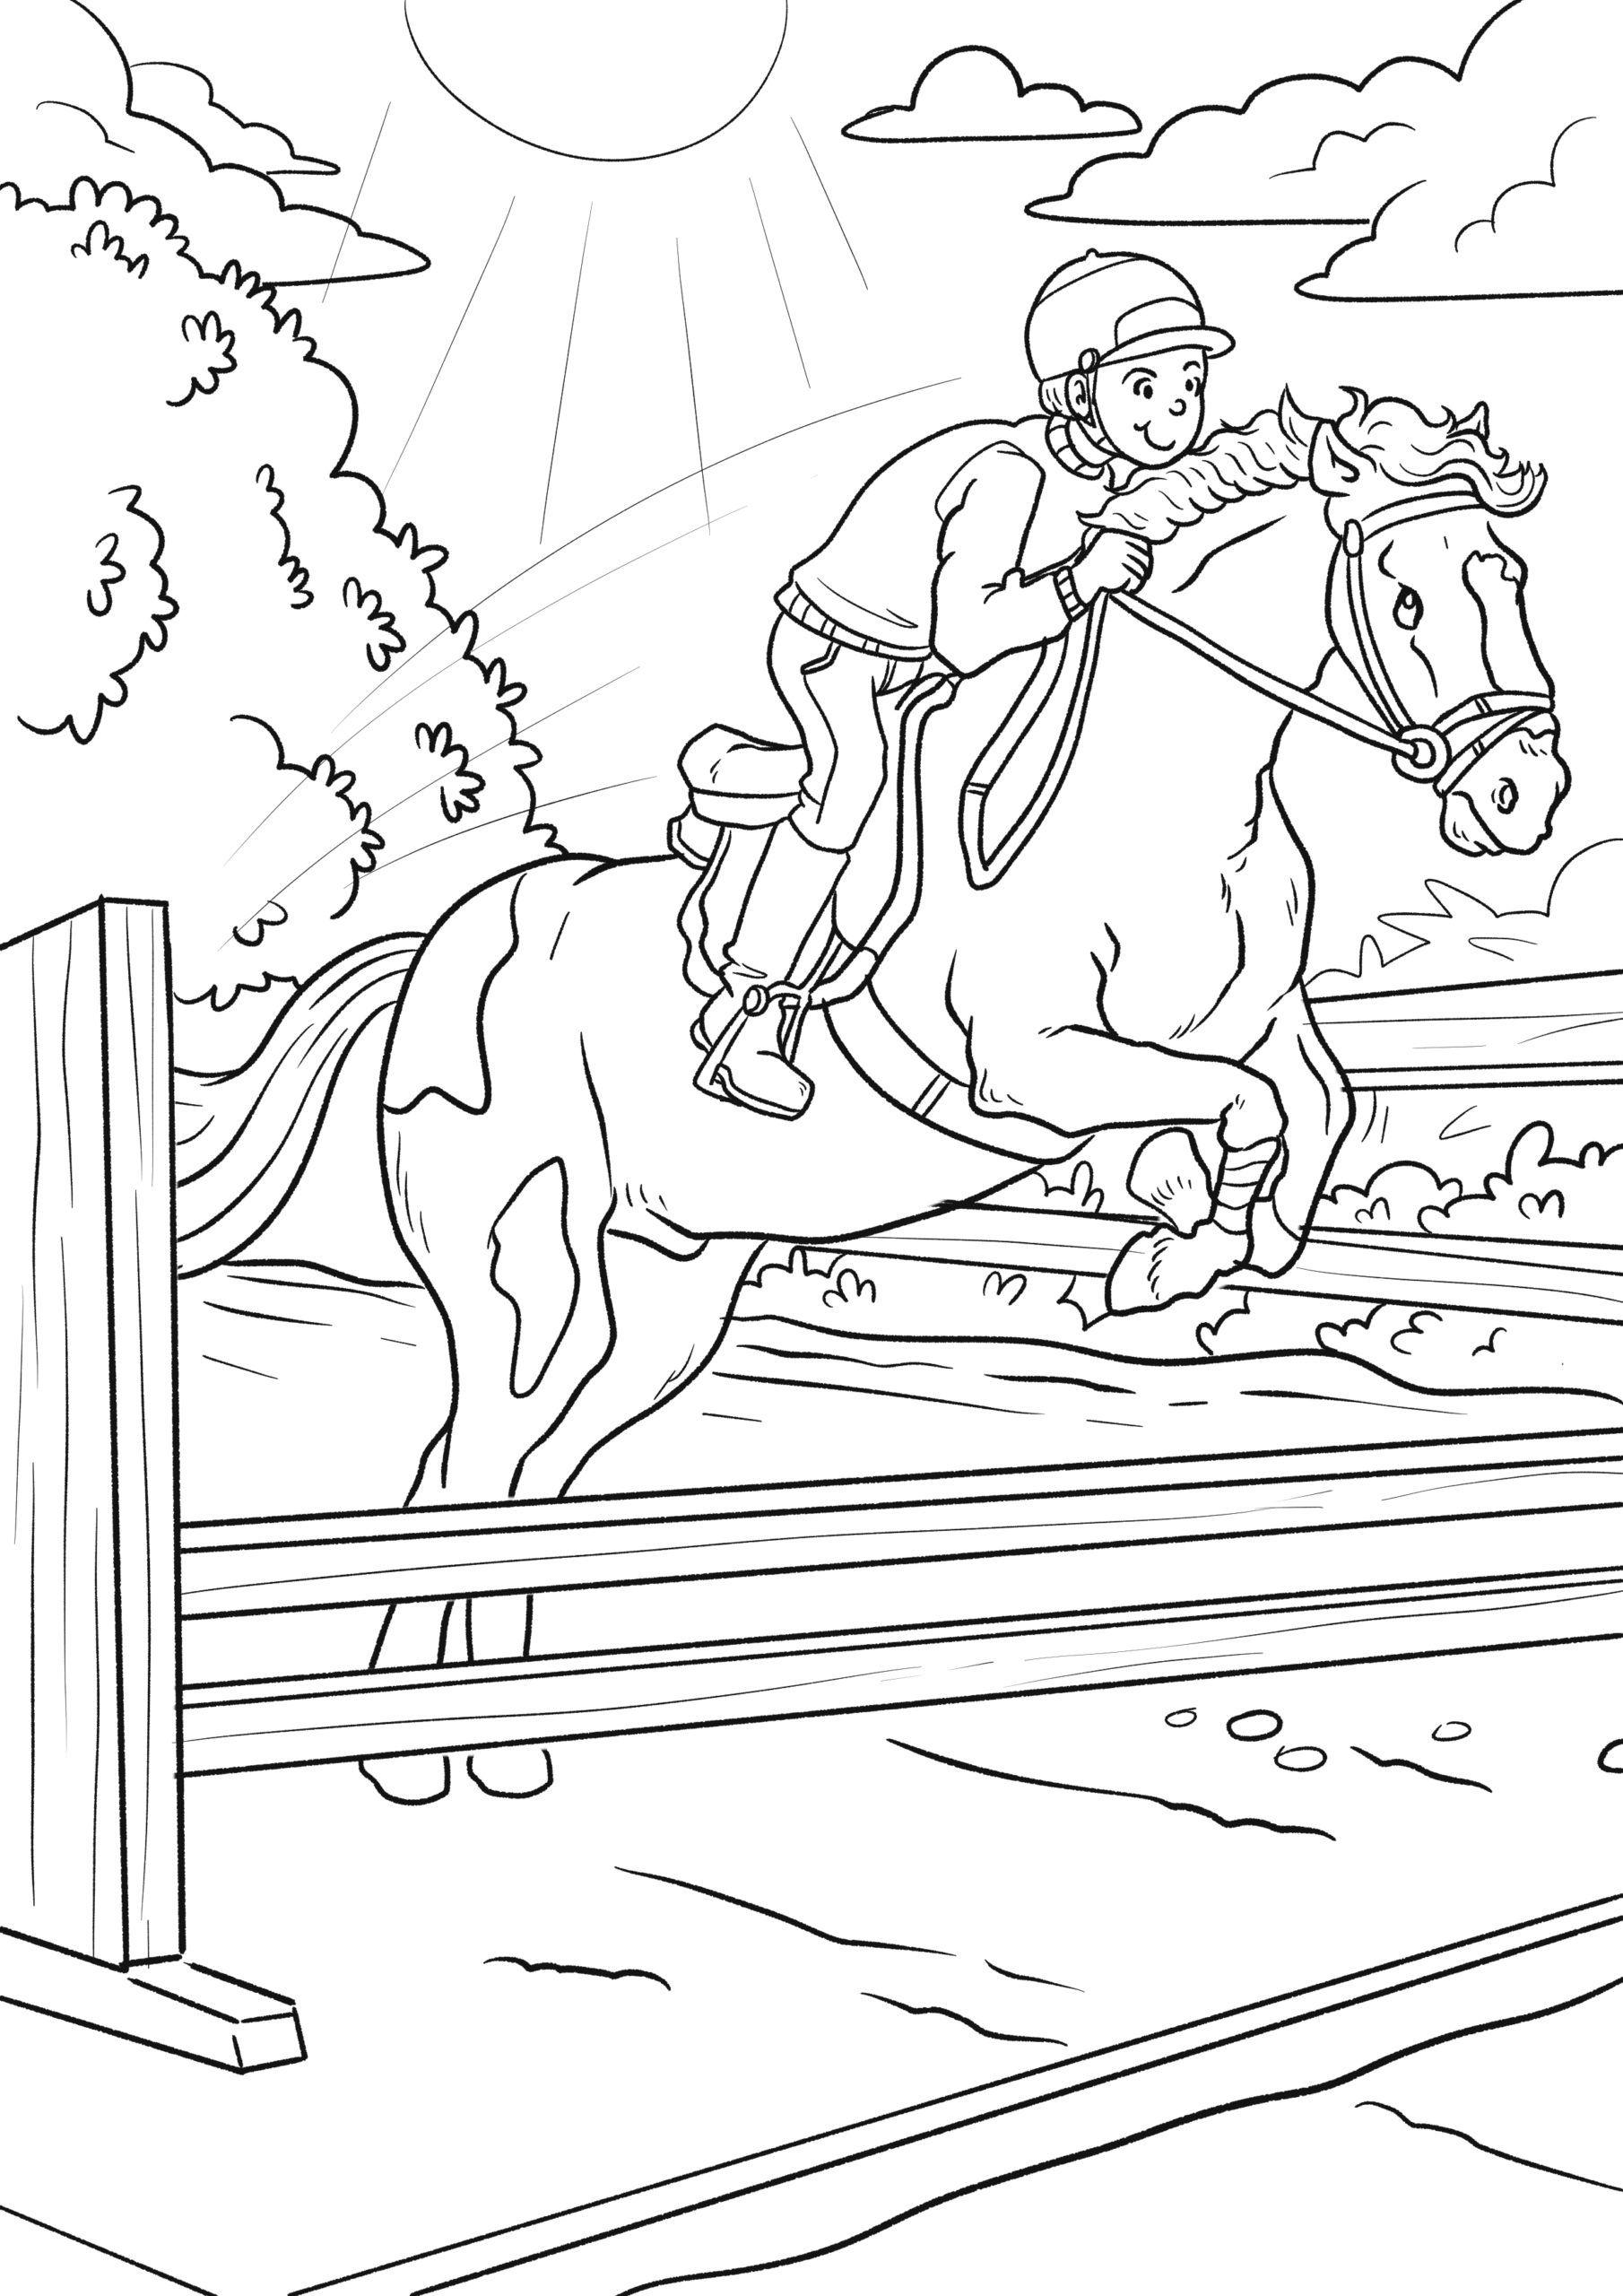 ausmalbilder pferde reiterhof  kinder ausmalbilder